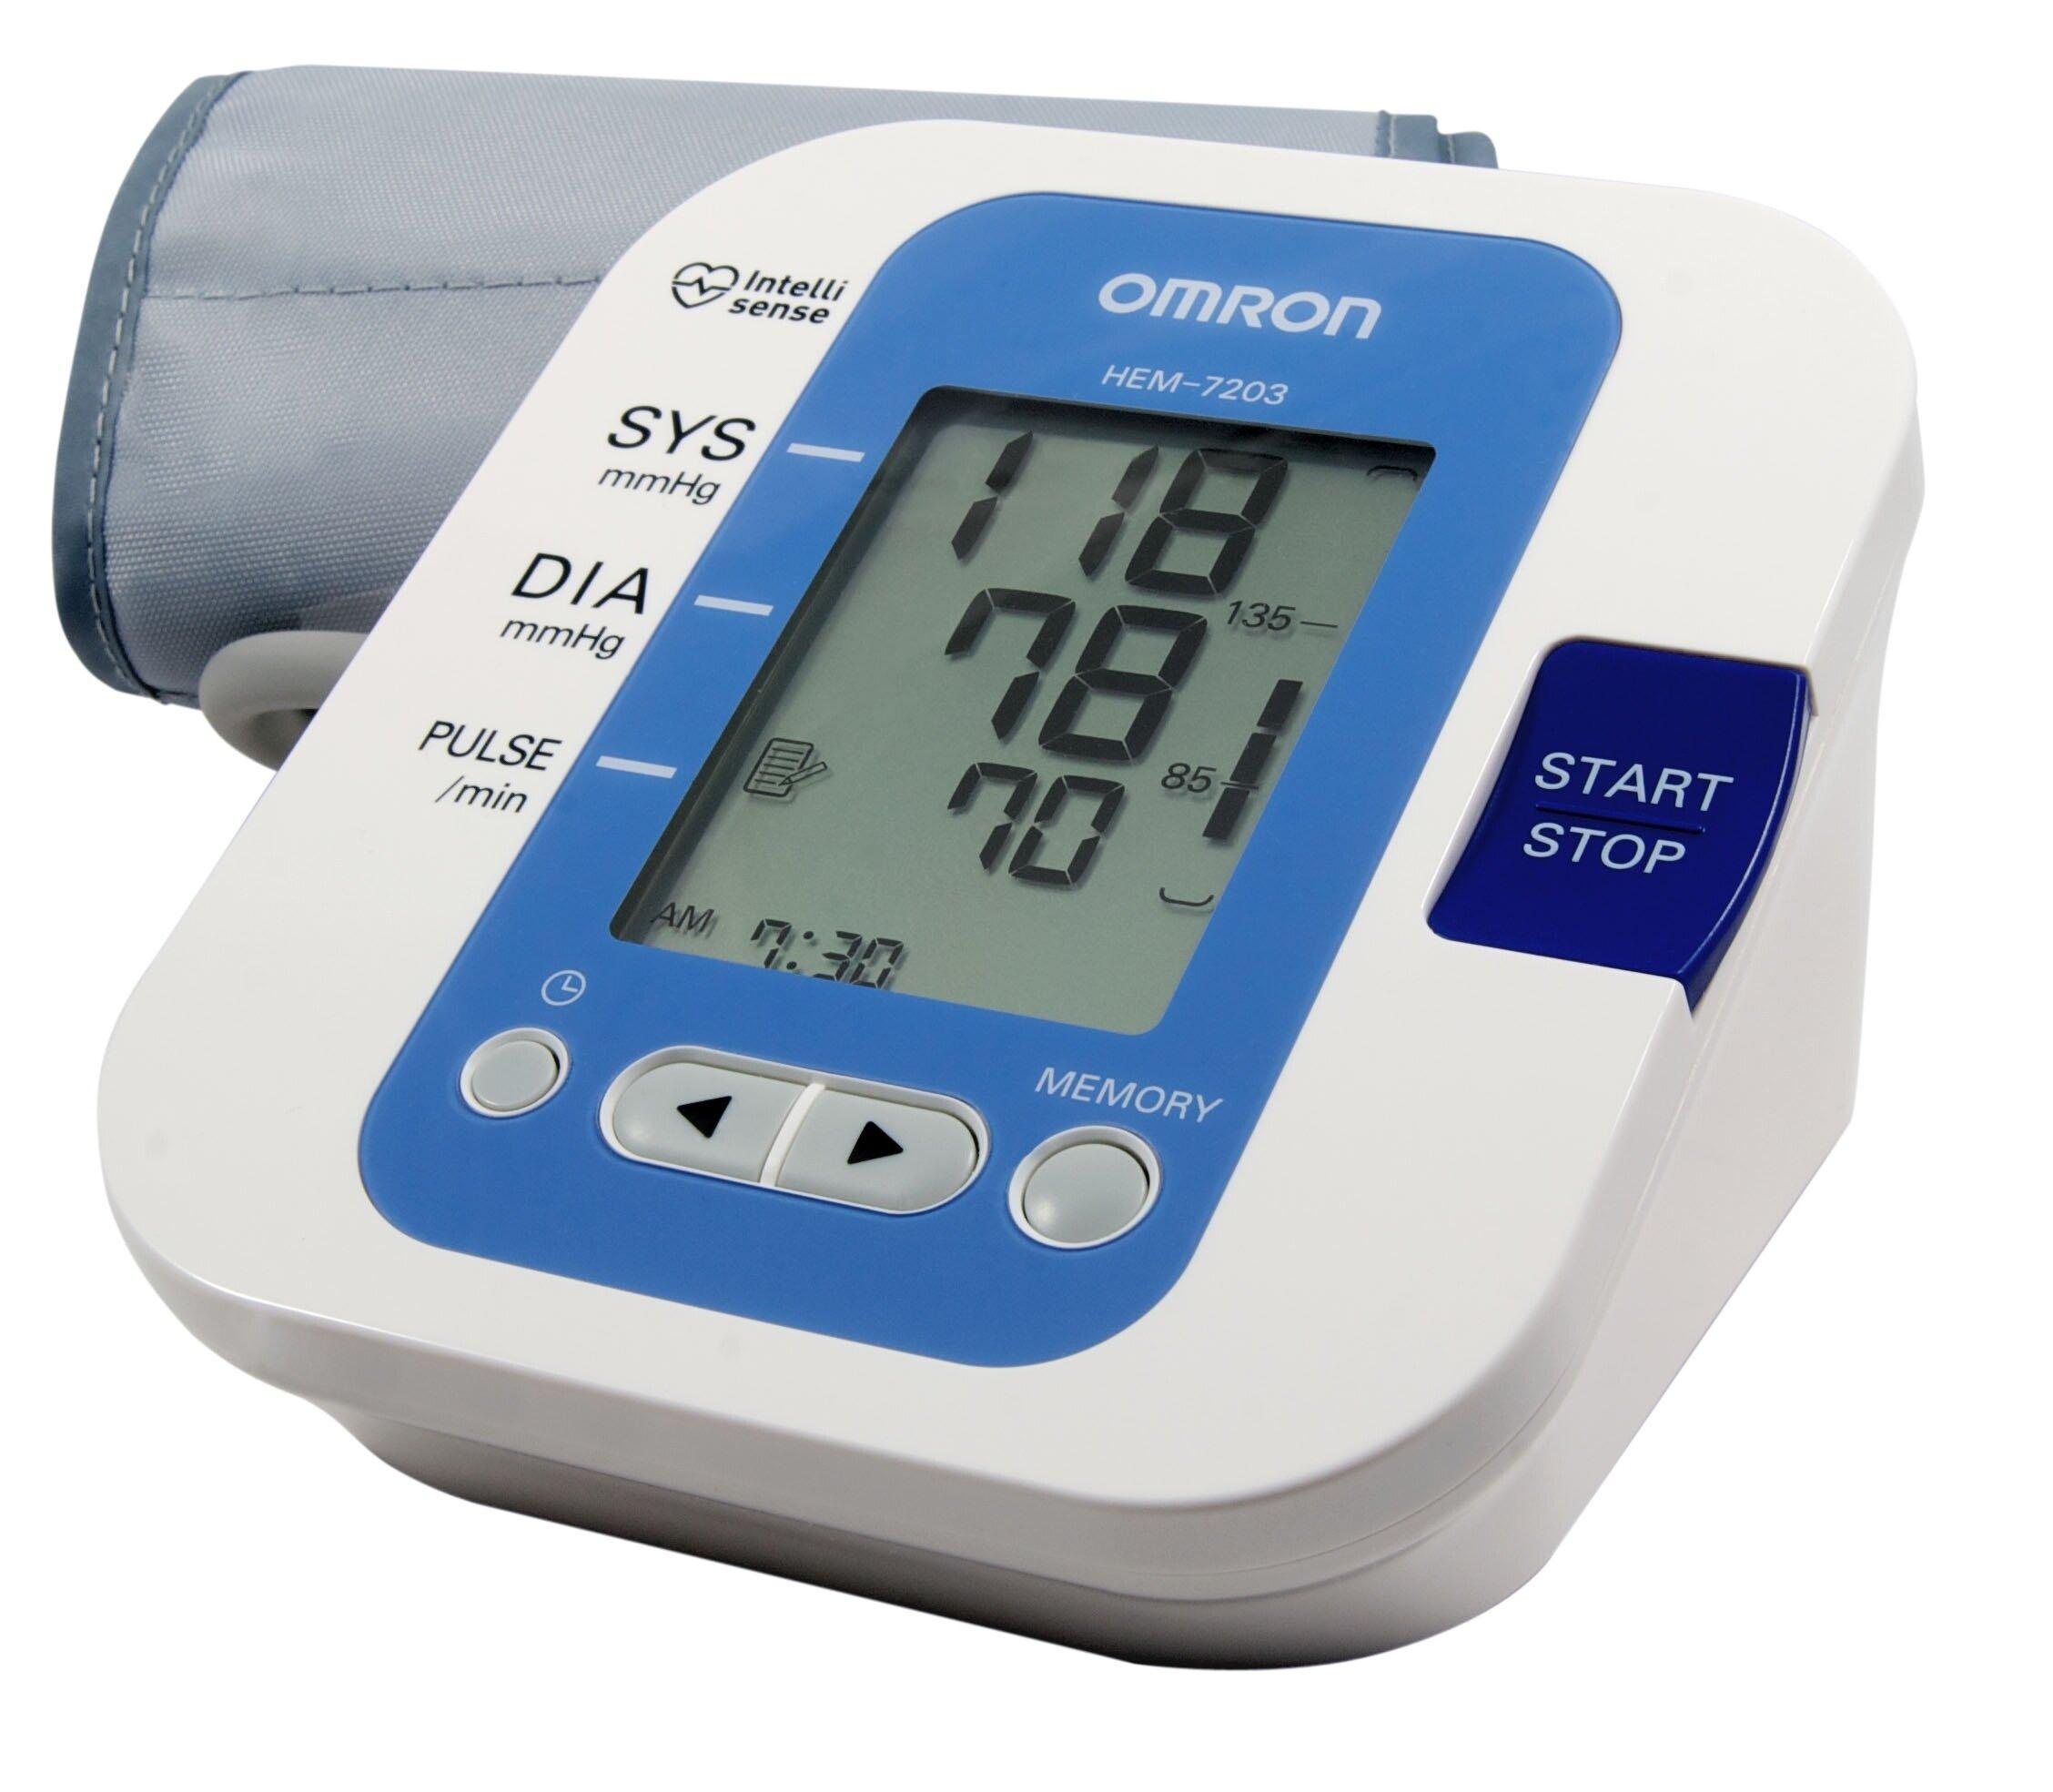 Mỗi loại máy đo huyết áp khác nhau có chế độ bảo hành khác nhau